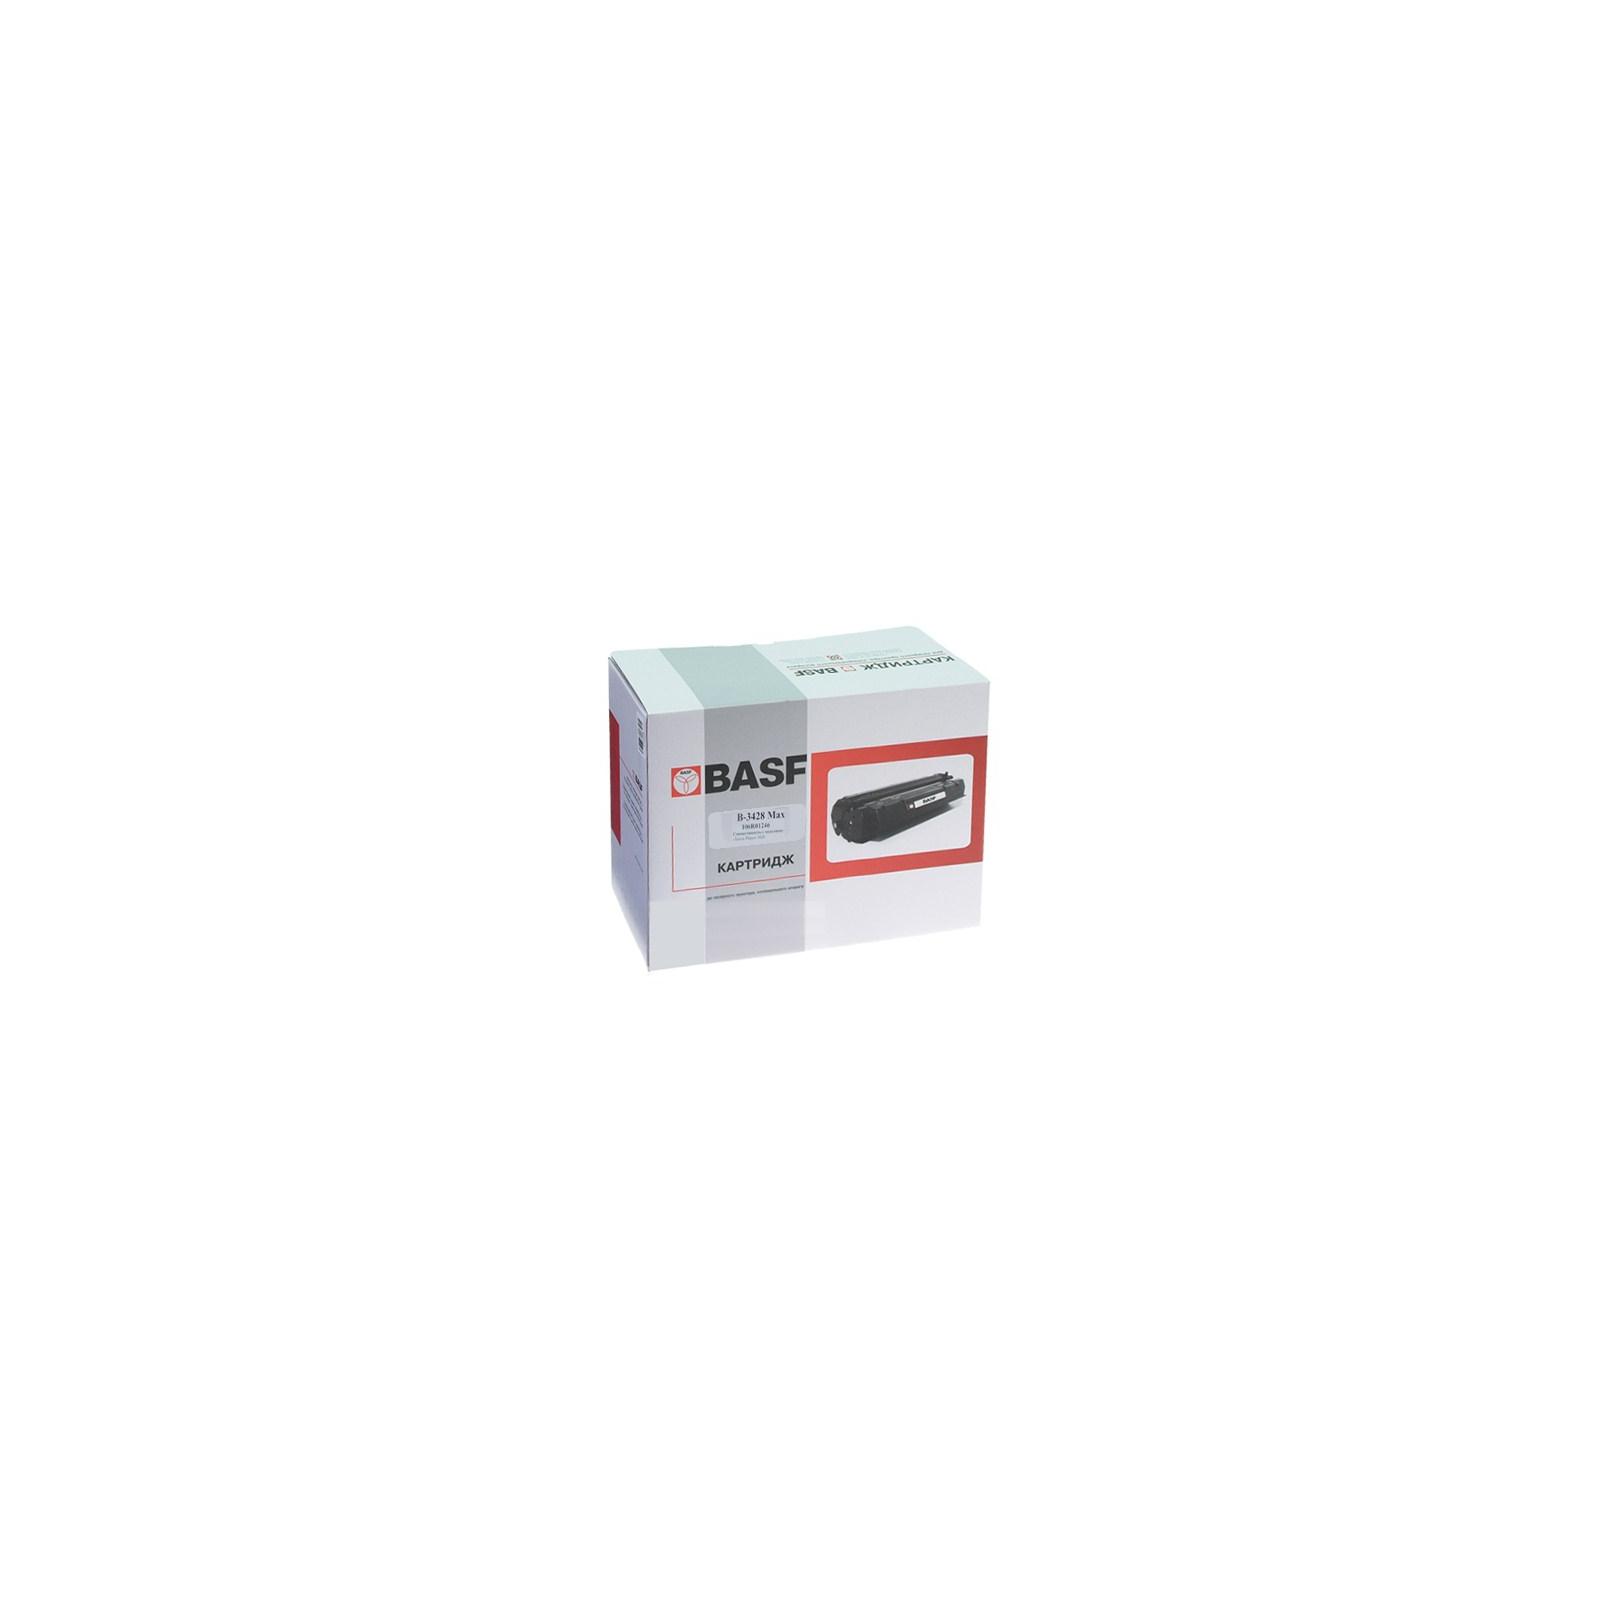 Картридж BASF для XEROX Phaser 3428 (B3428 Max)